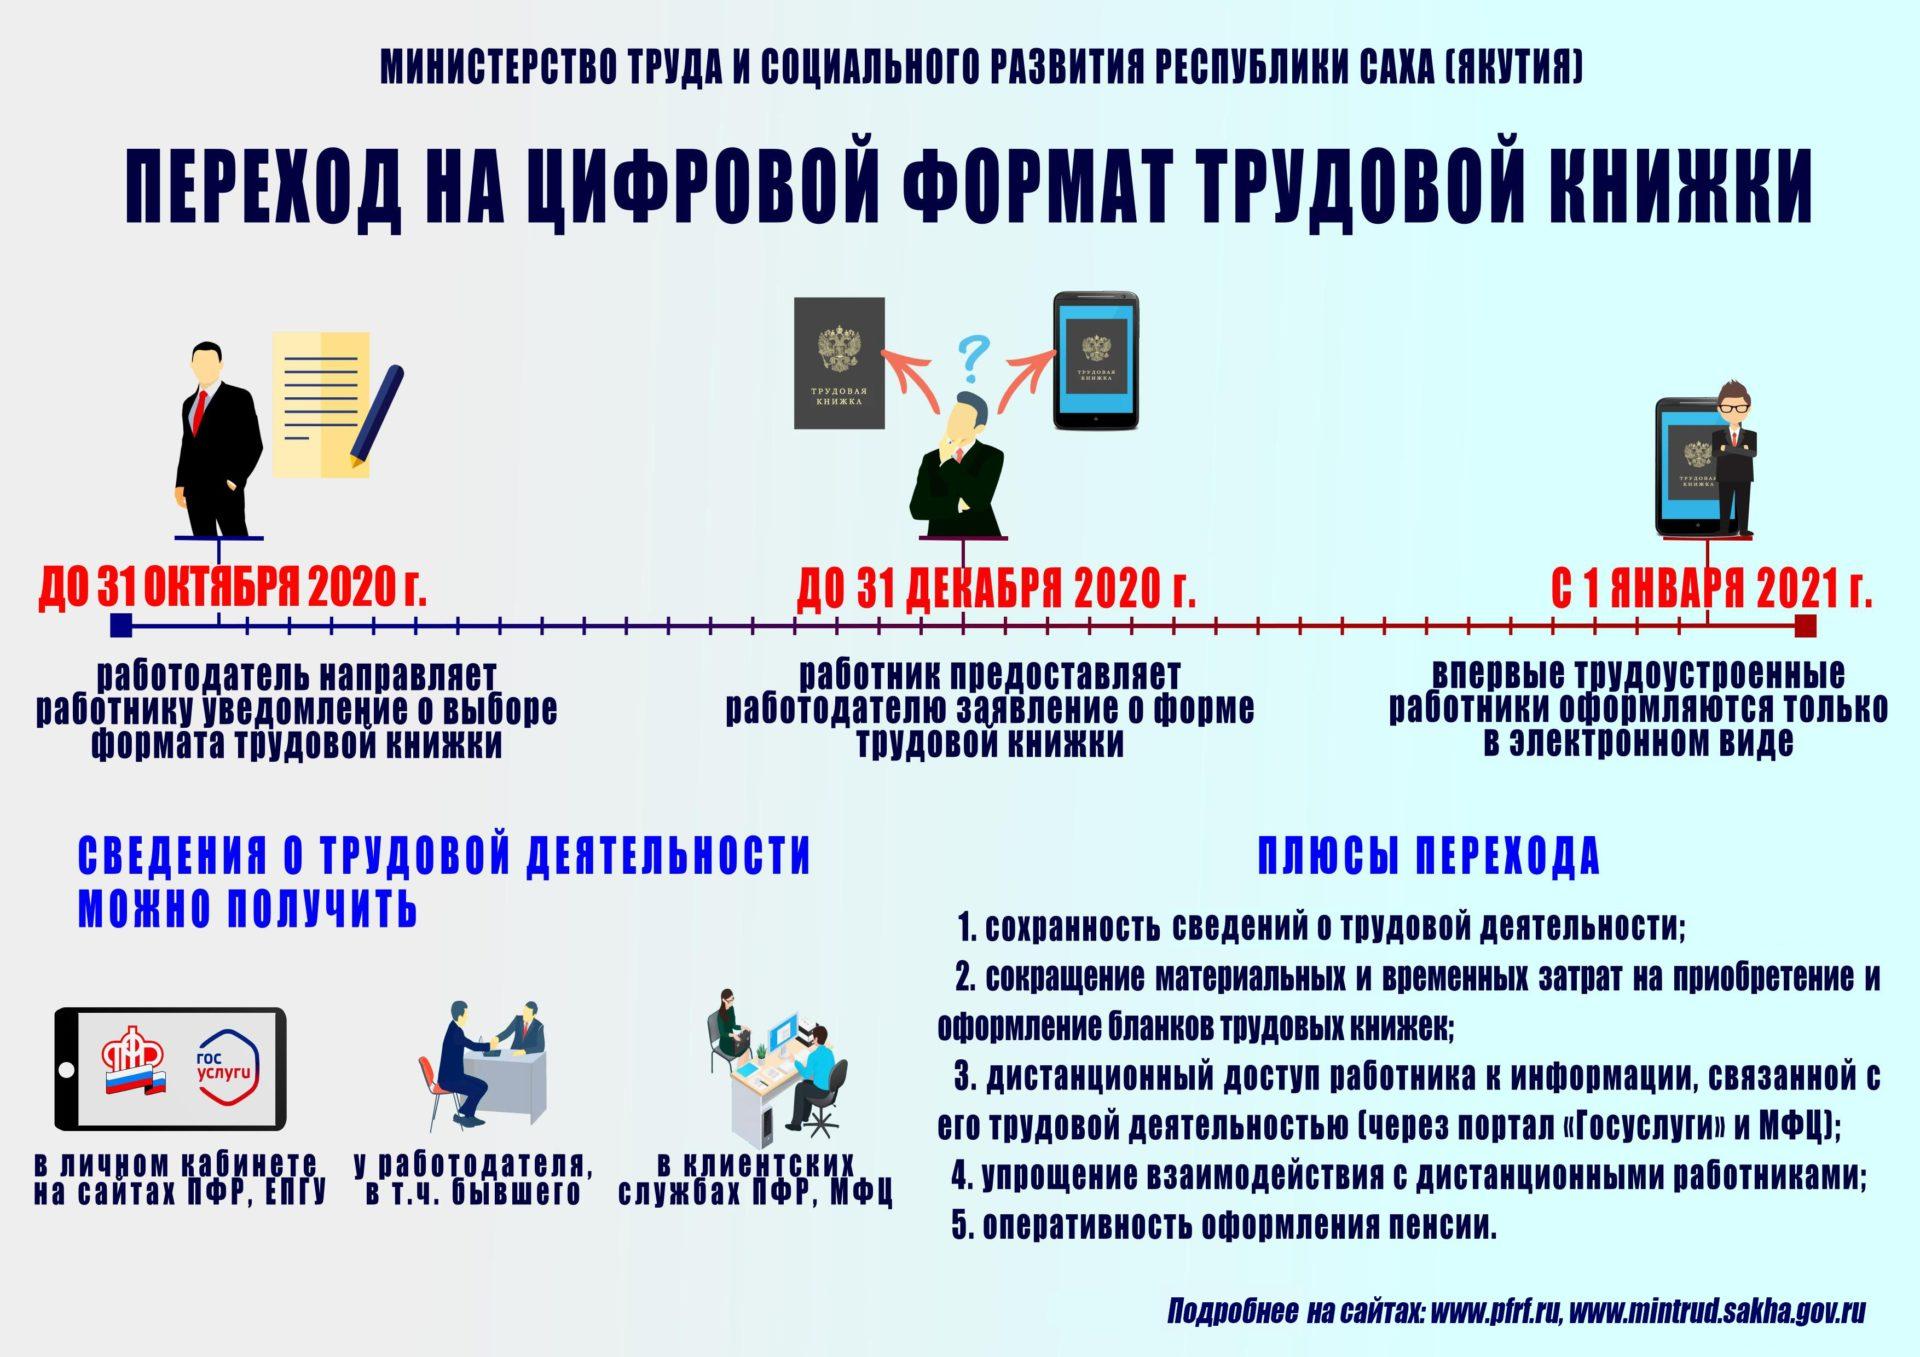 О переходе к формированию и ведению сведений о трудовой деятельности работников в электронном виде